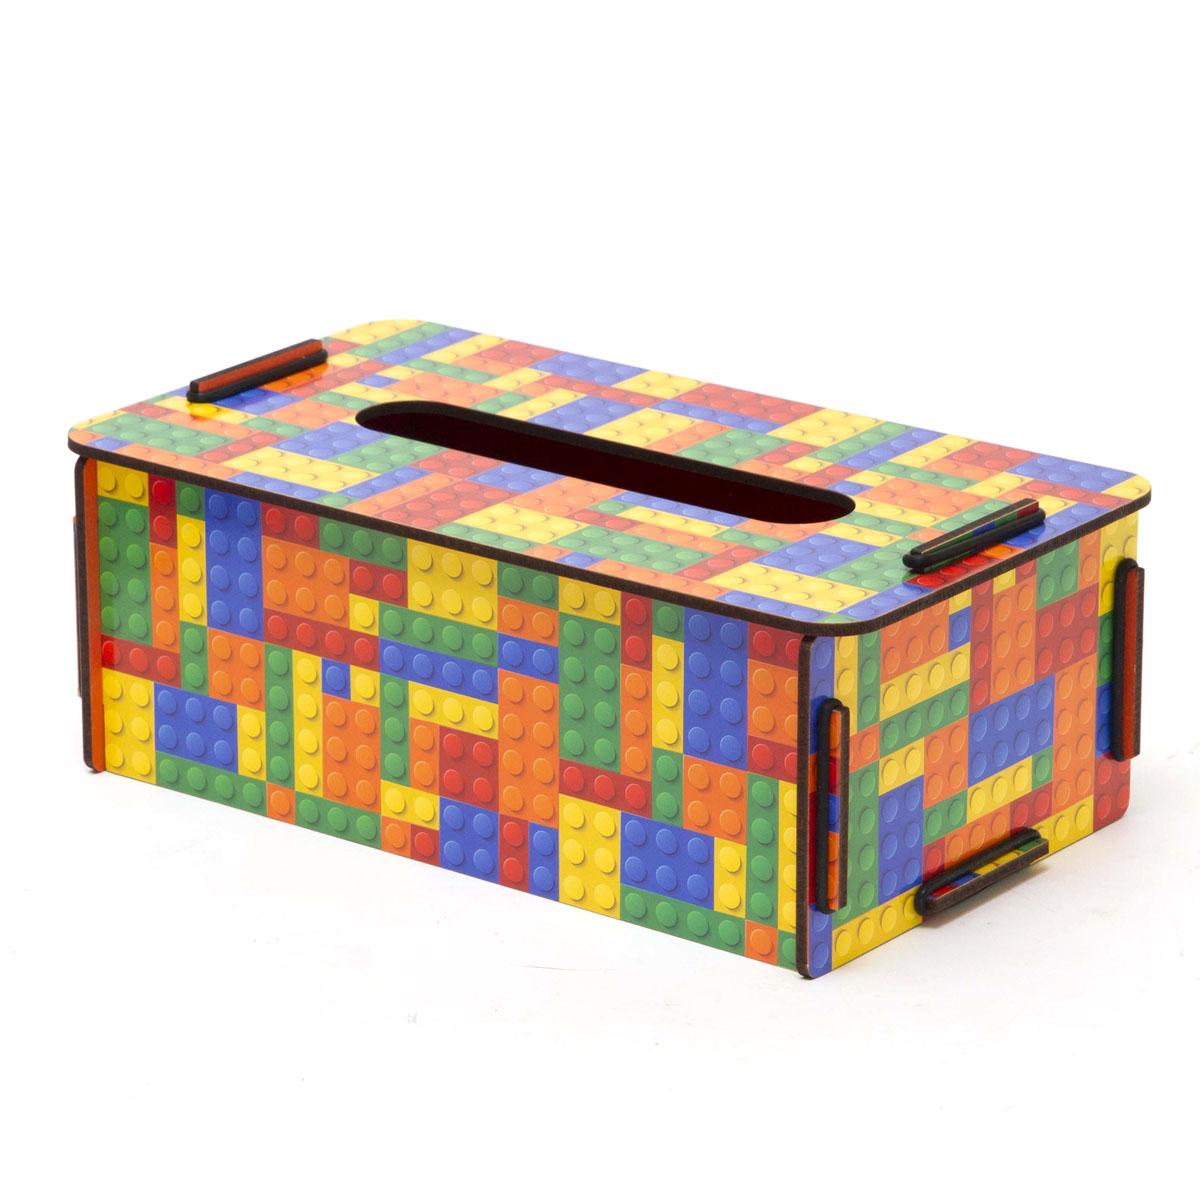 Органайзер настольный Homsu Тетрис, 24 x 14 x 9,5 смHOM-77Оригинальная коробочка представляет собой ящик, изготовленный из МДФ и легко собирающийся, который можно использовать как органайзер для салфеток. Благодаря отделению 10см на 1,5см коробочка для салфеток отлично будет смотреться дома и придаст интерьеру оригинальный стиль. Фактический цвет может отличаться от заявленного.